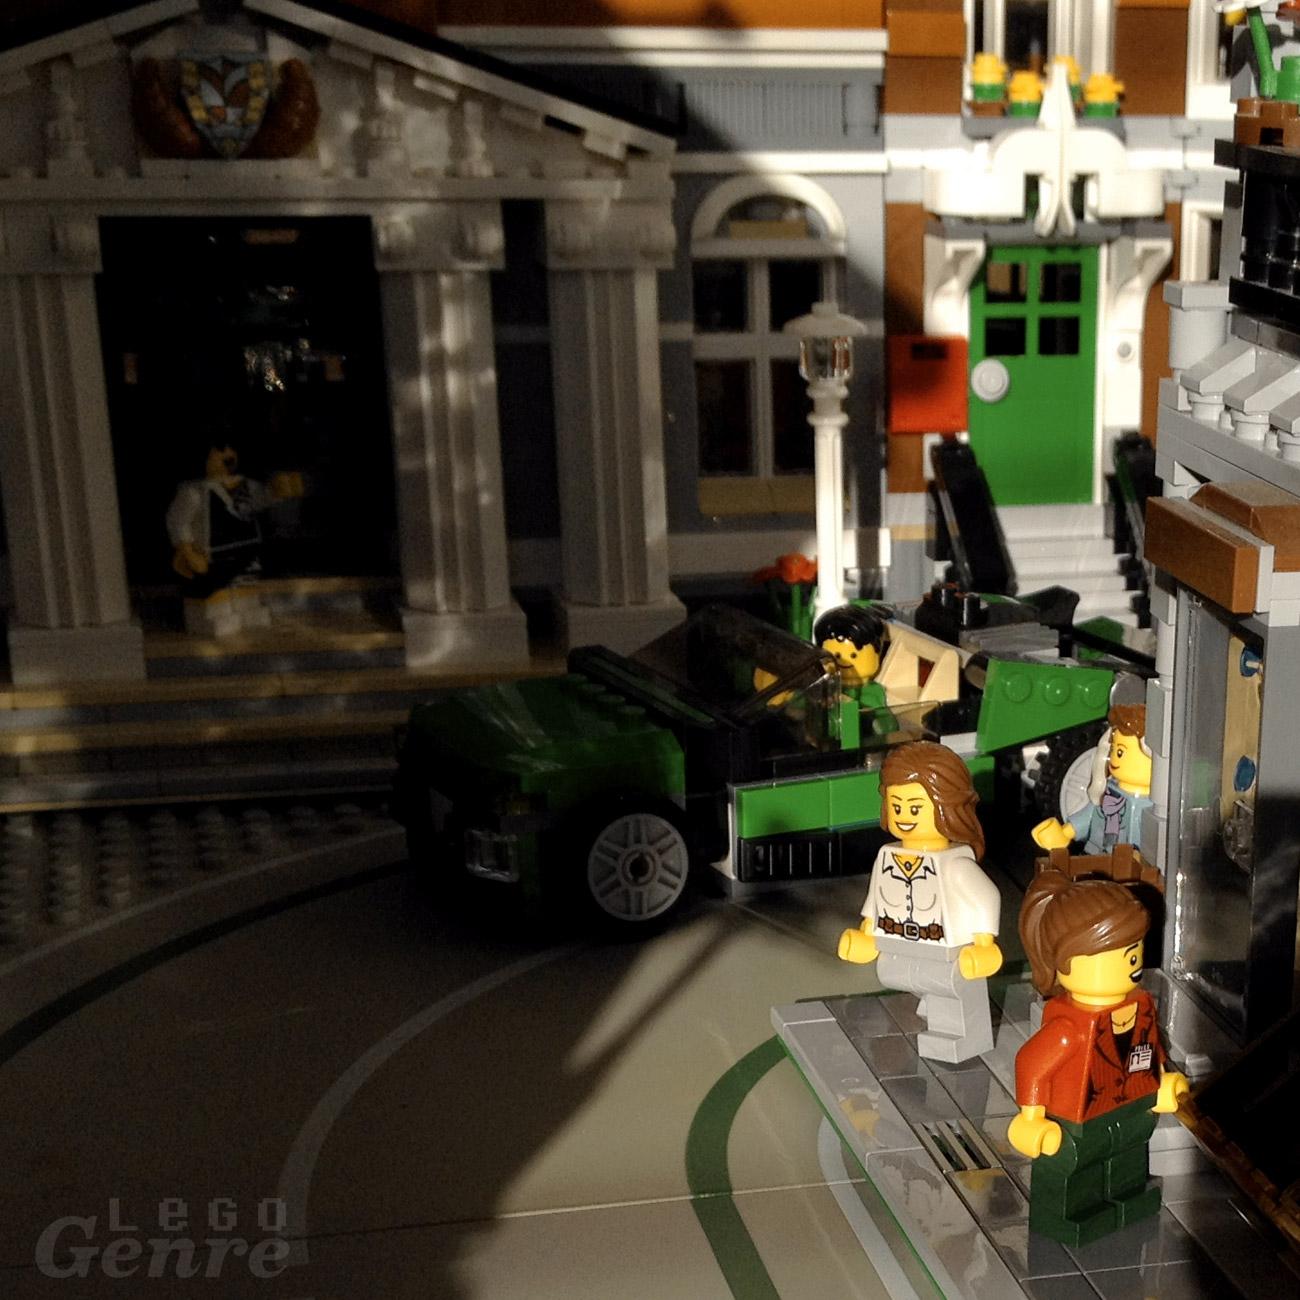 LegoGenre 00331: Cruisin' for a Bruisin'